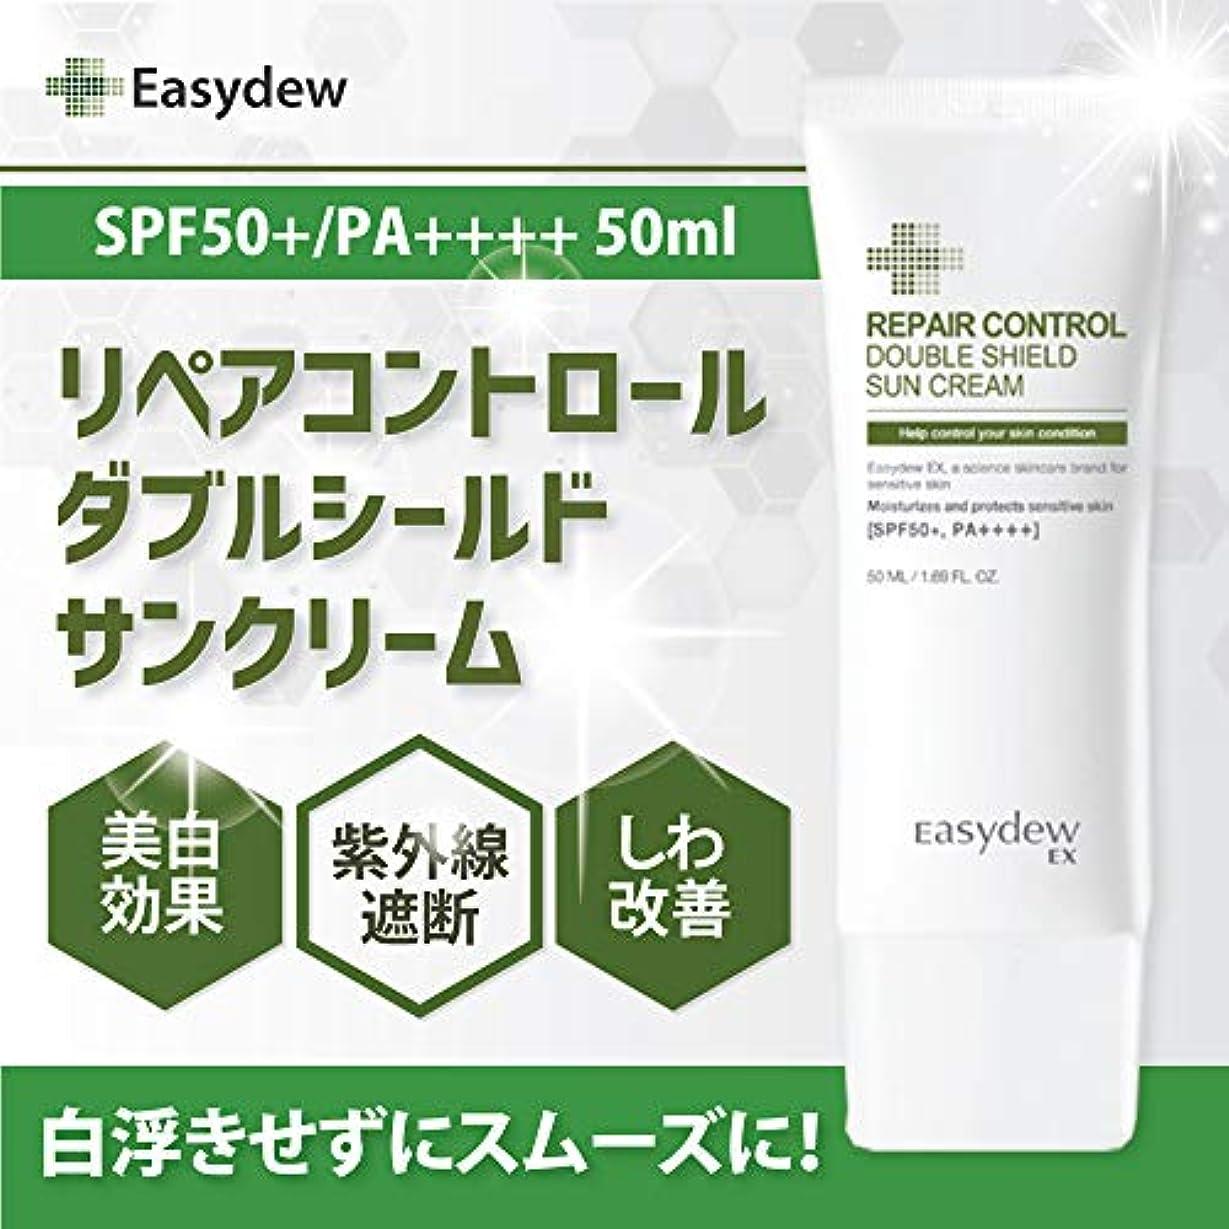 確率反応するとらえどころのないデウン製薬 リペア コントロール ダブル シールド サン?クリーム SPF50+/PA++++ 50ml. Repair Control Double Shild Sun Cream SPF50+/PA++++ 50ml.